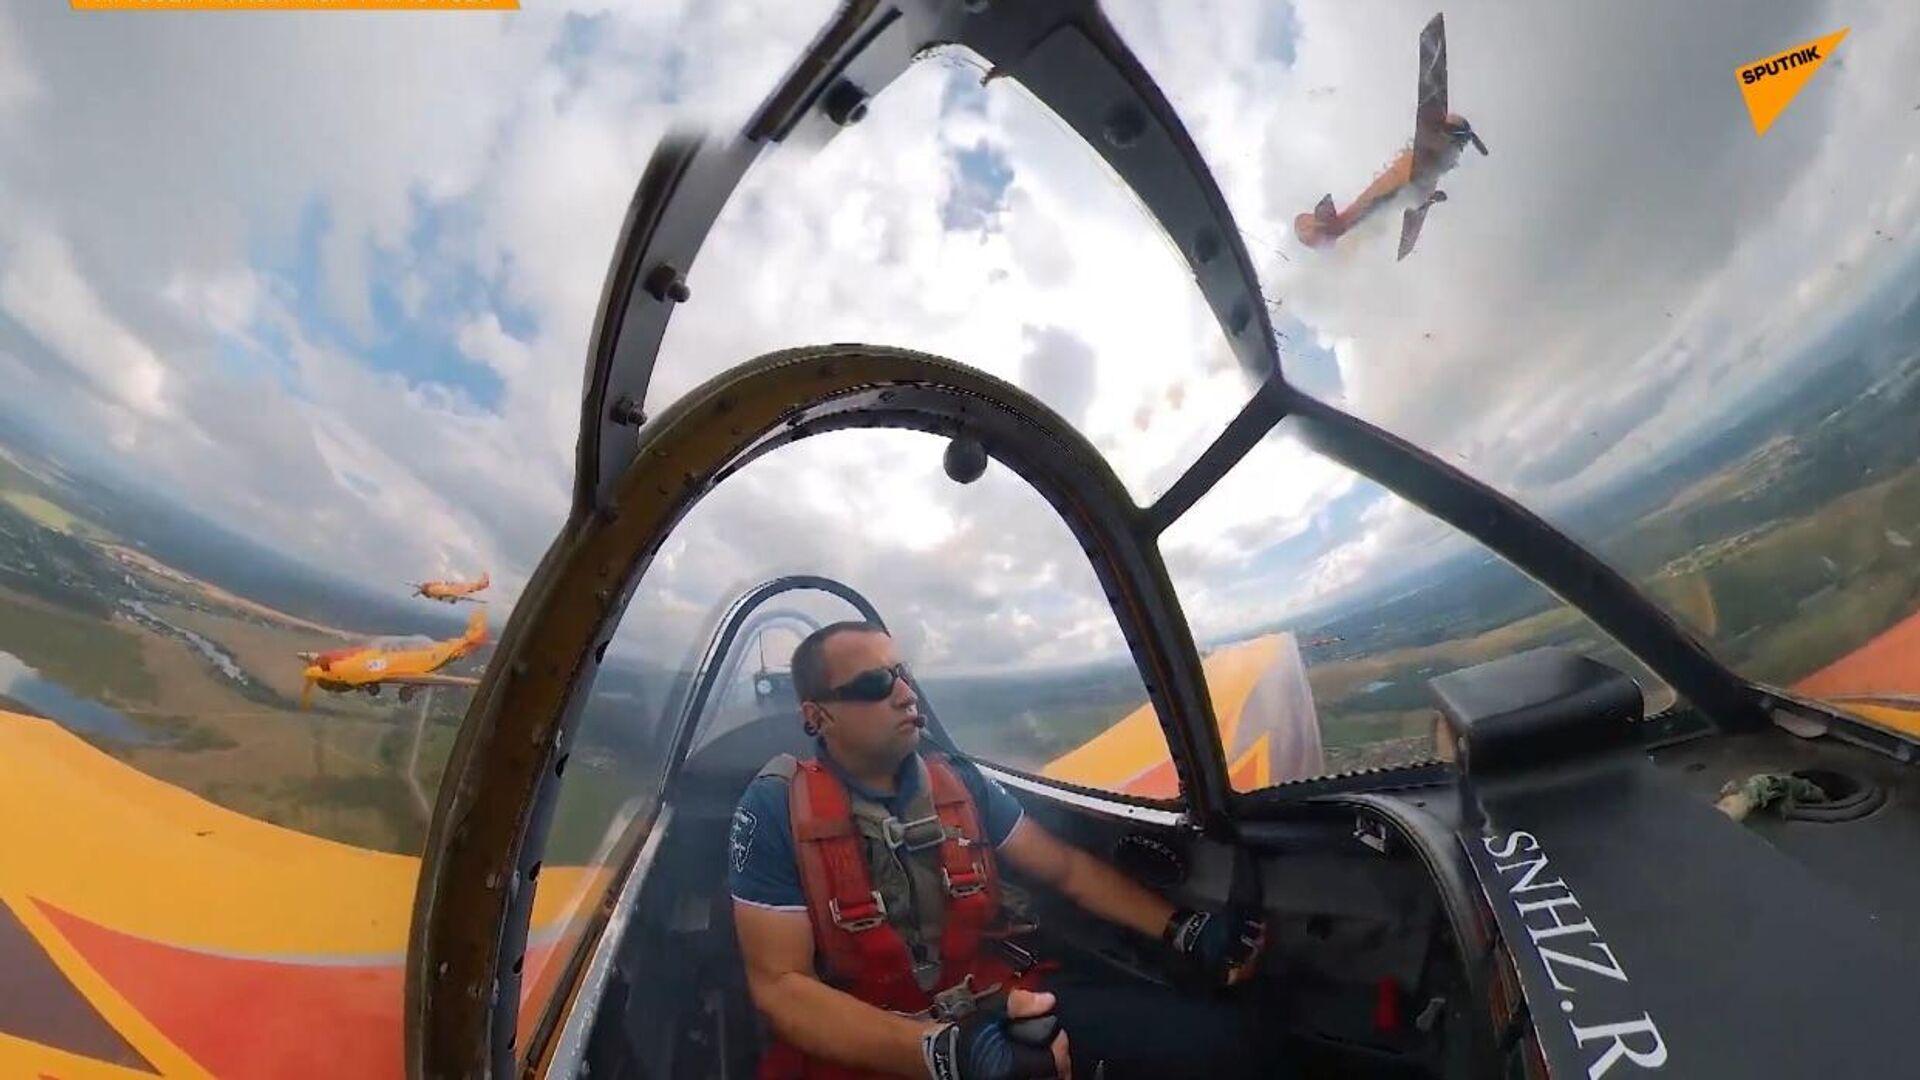 """La pattuglia acrobatica russa """"Strizhi"""" compie 30 anni - Sputnik Italia, 1920, 19.05.2021"""